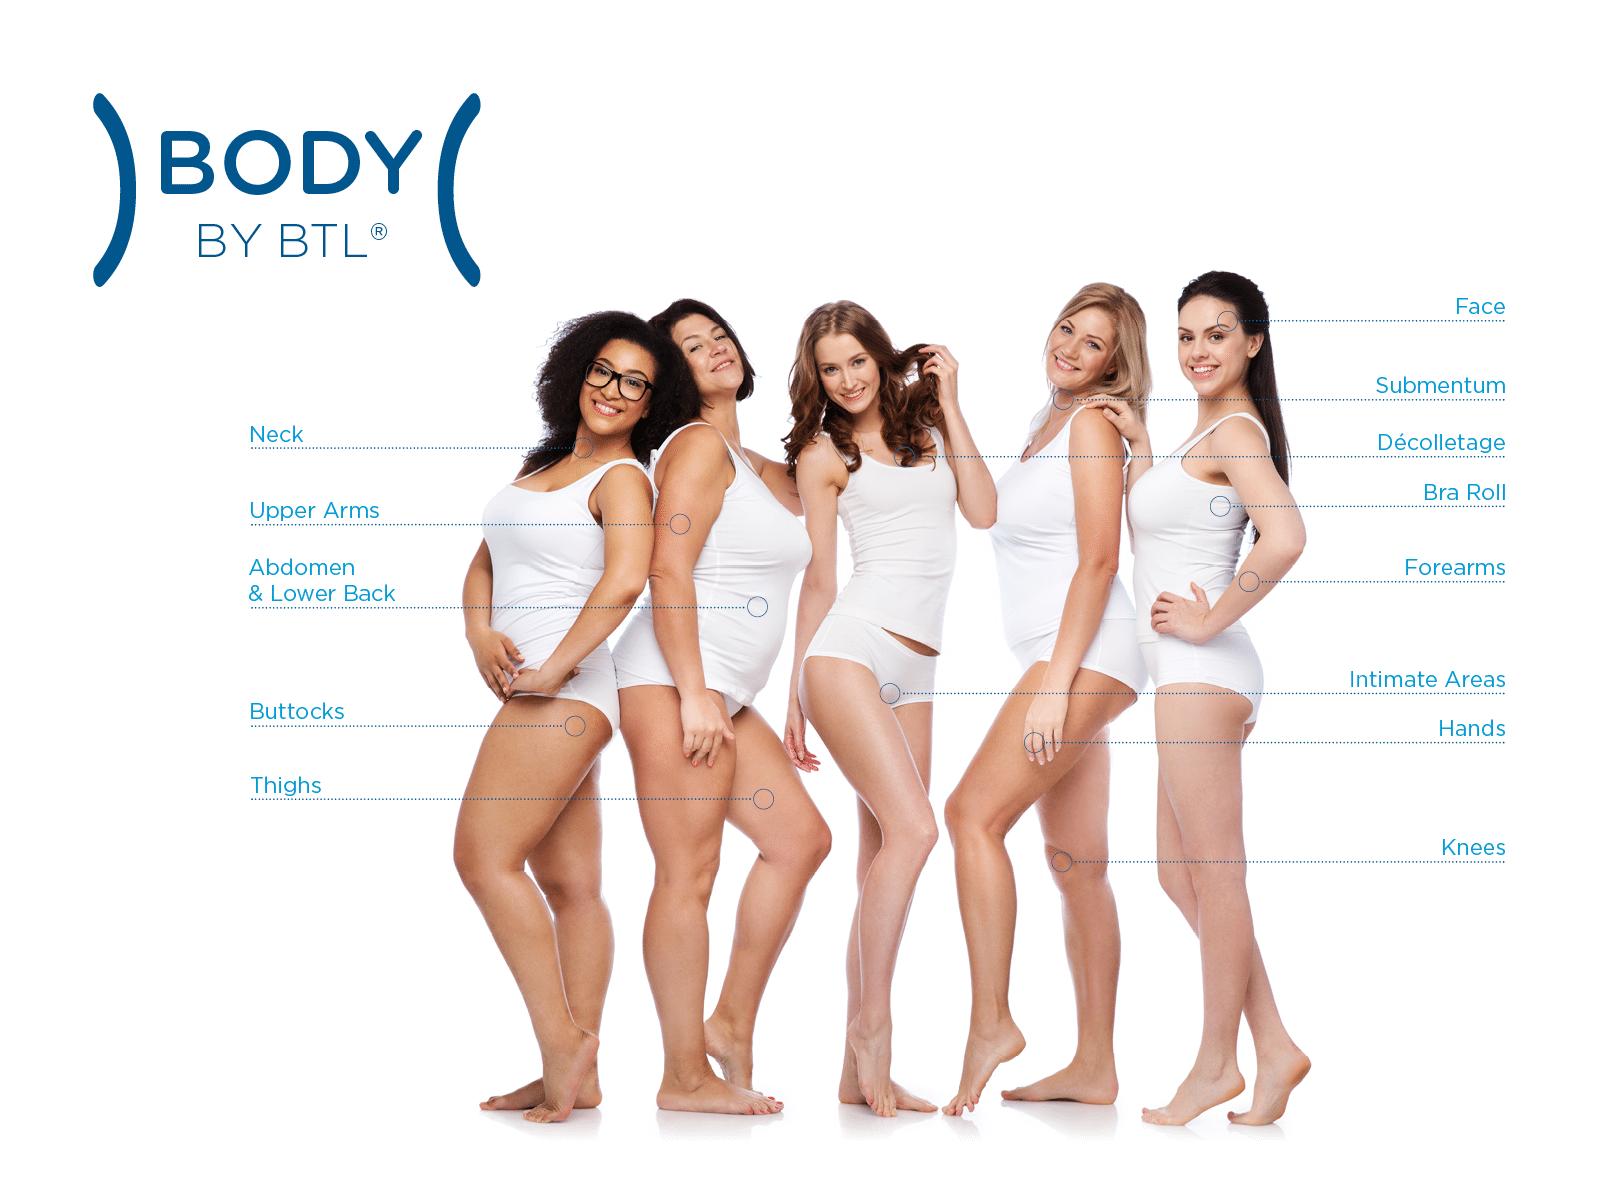 body by btl at Kat & Co Aesethtics